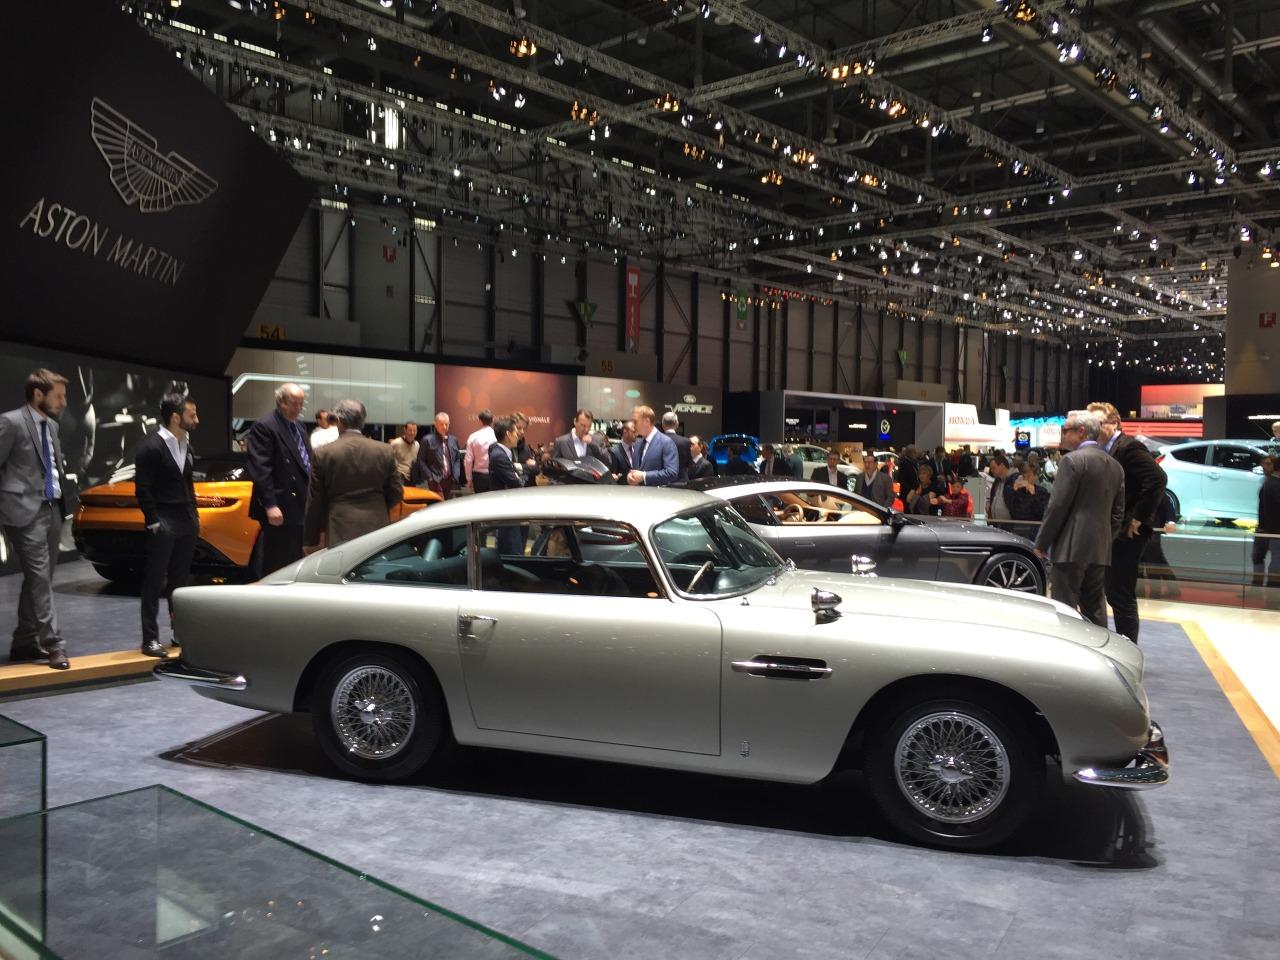 #geneva #motorshow – Aston Martin db5